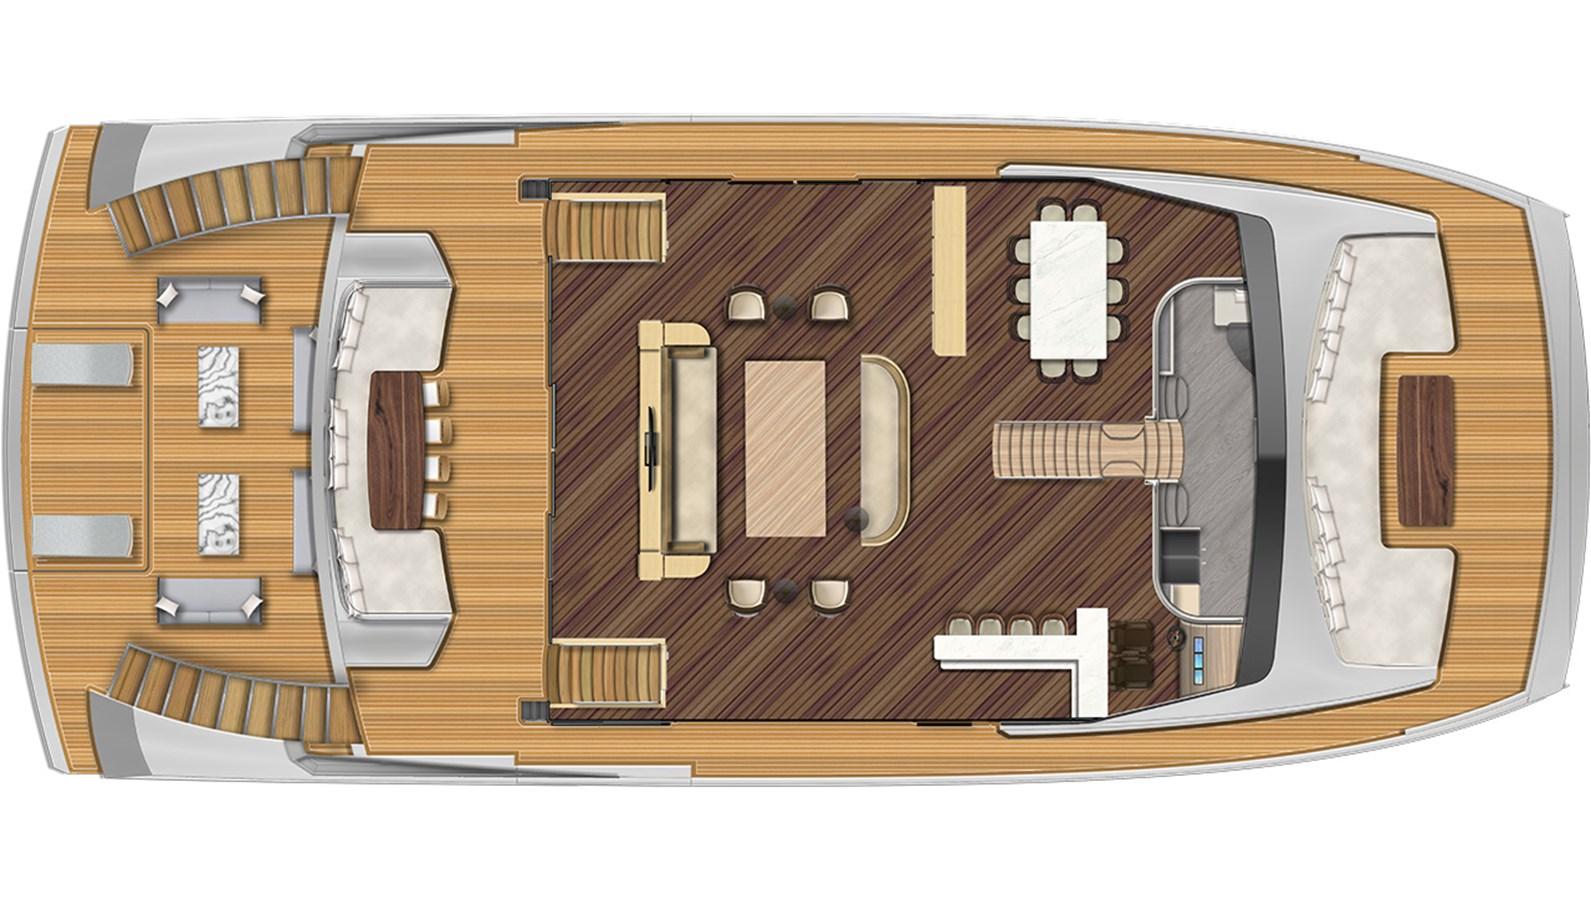 C3svL5N2KxIb2Gq6d4ca954TQLGpm1 2022 LAZZARA LPC 85 Catamaran 2950147